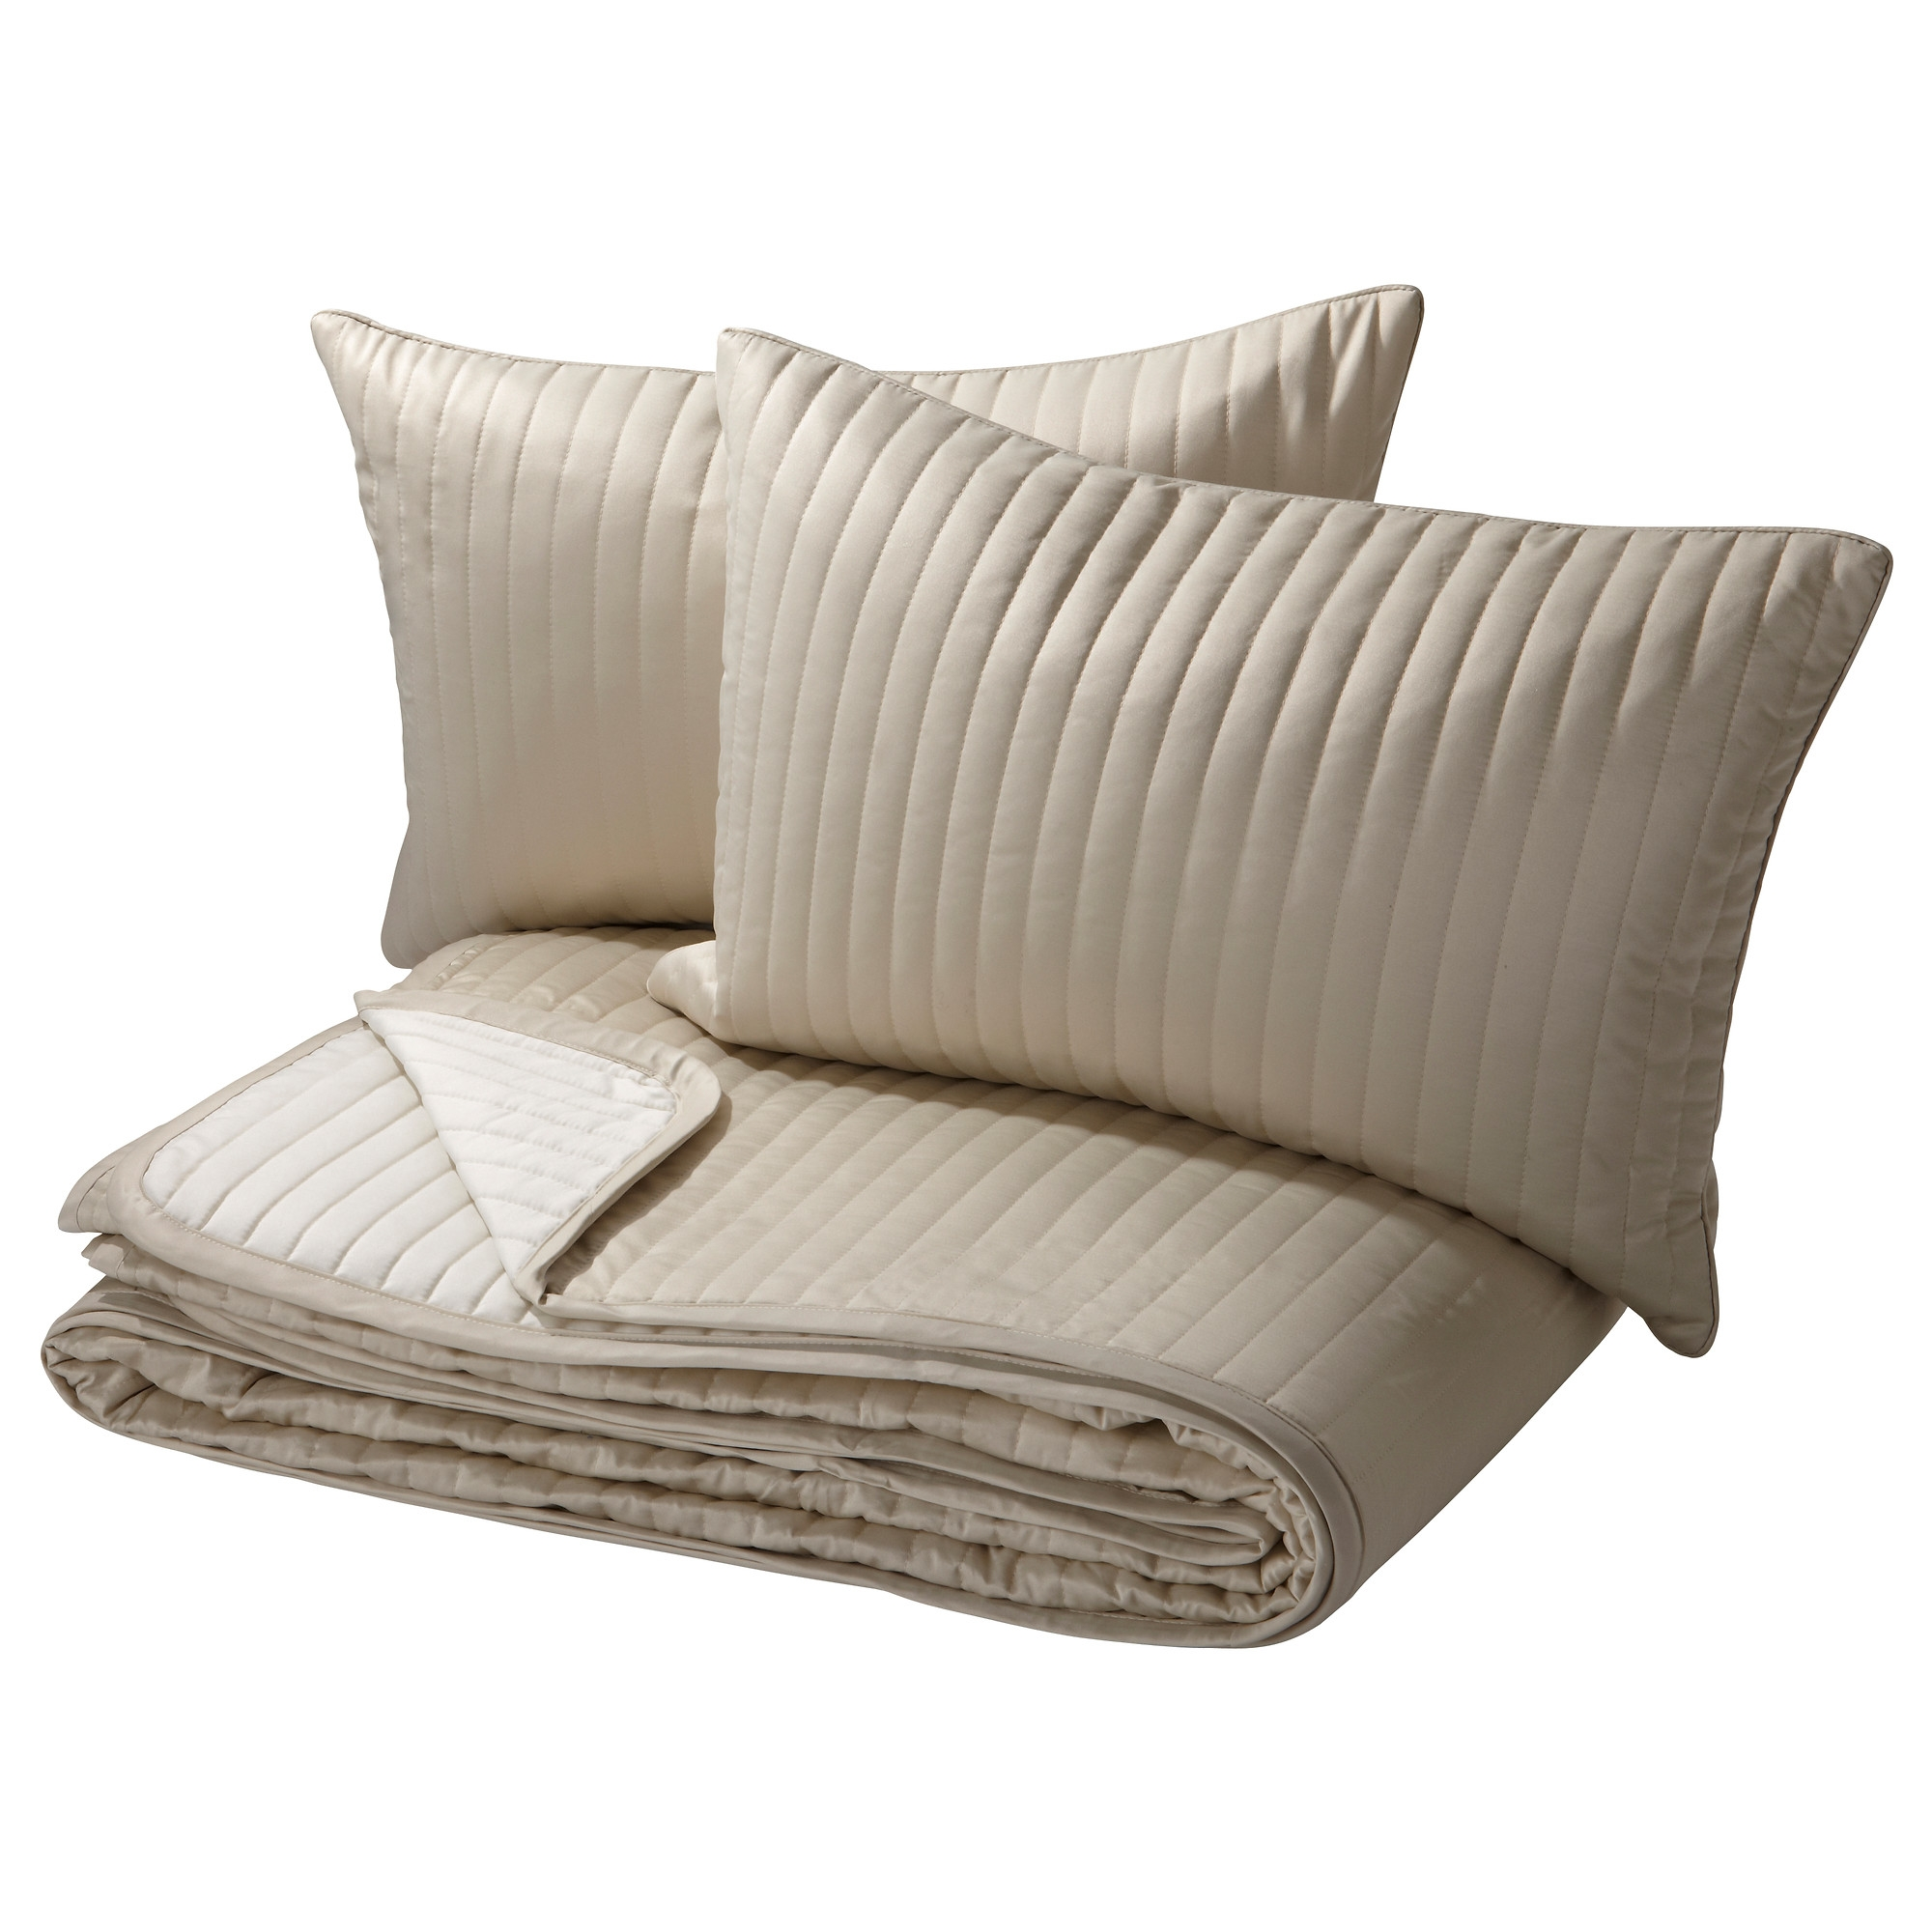 Karit colcha y 2 fundas almohada - Ikea tenerife productos ...